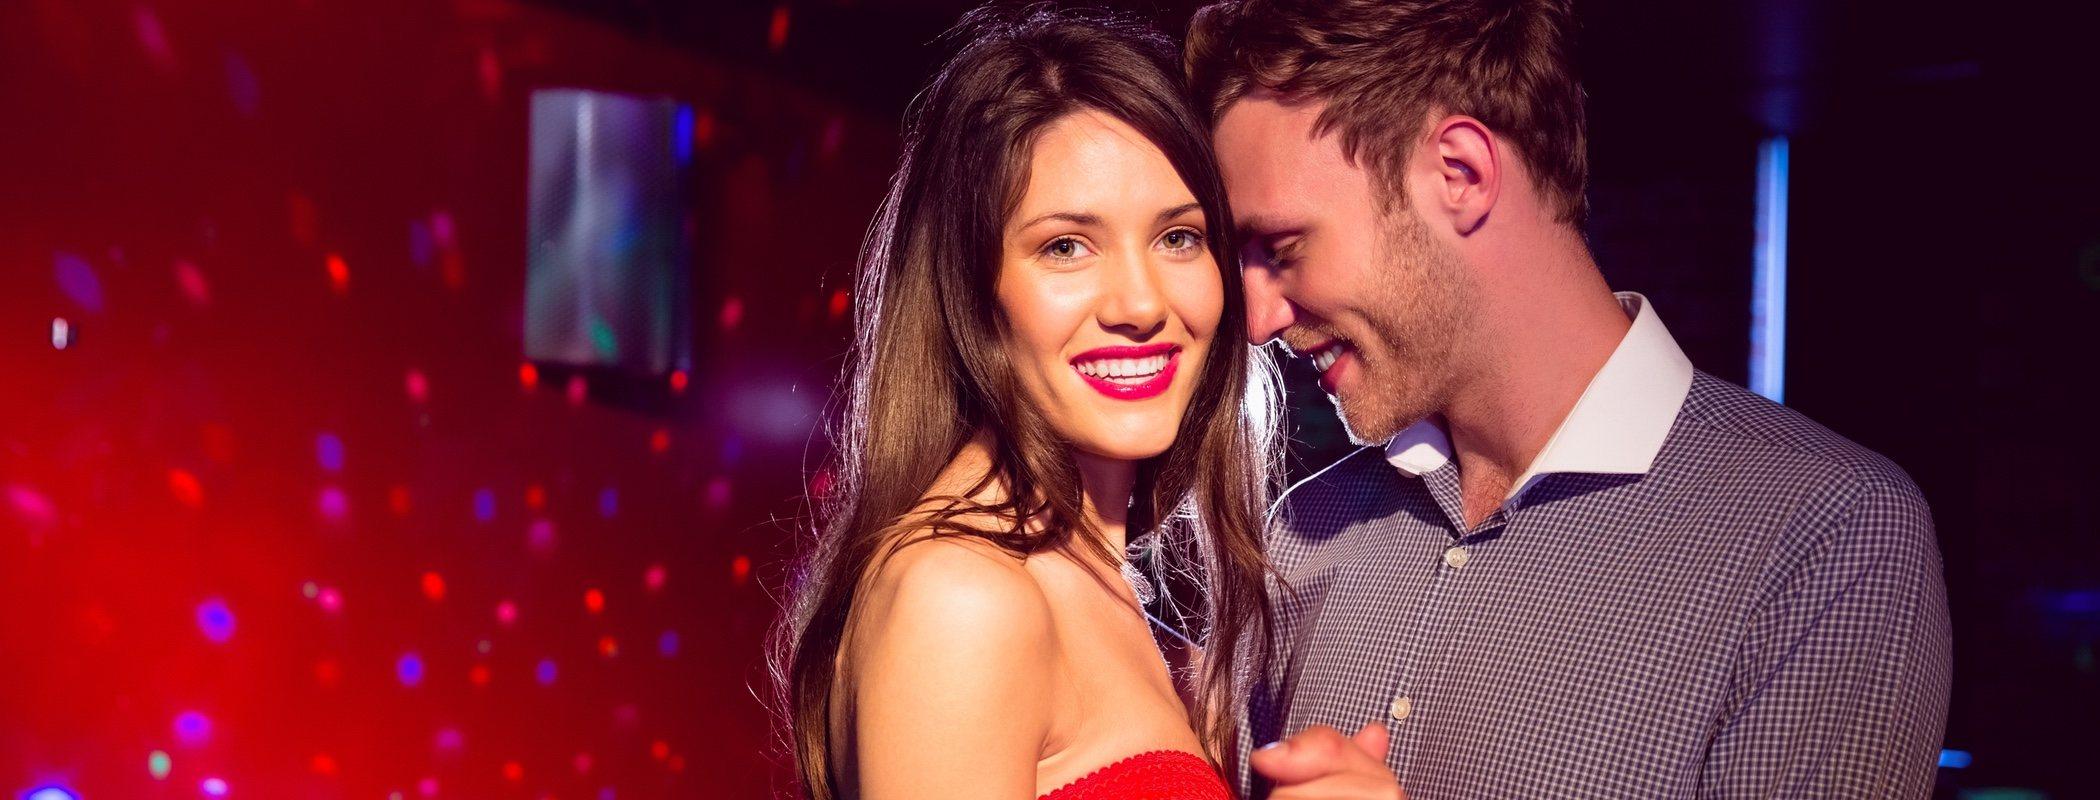 Pros y contras de salir de fiesta con tu pareja